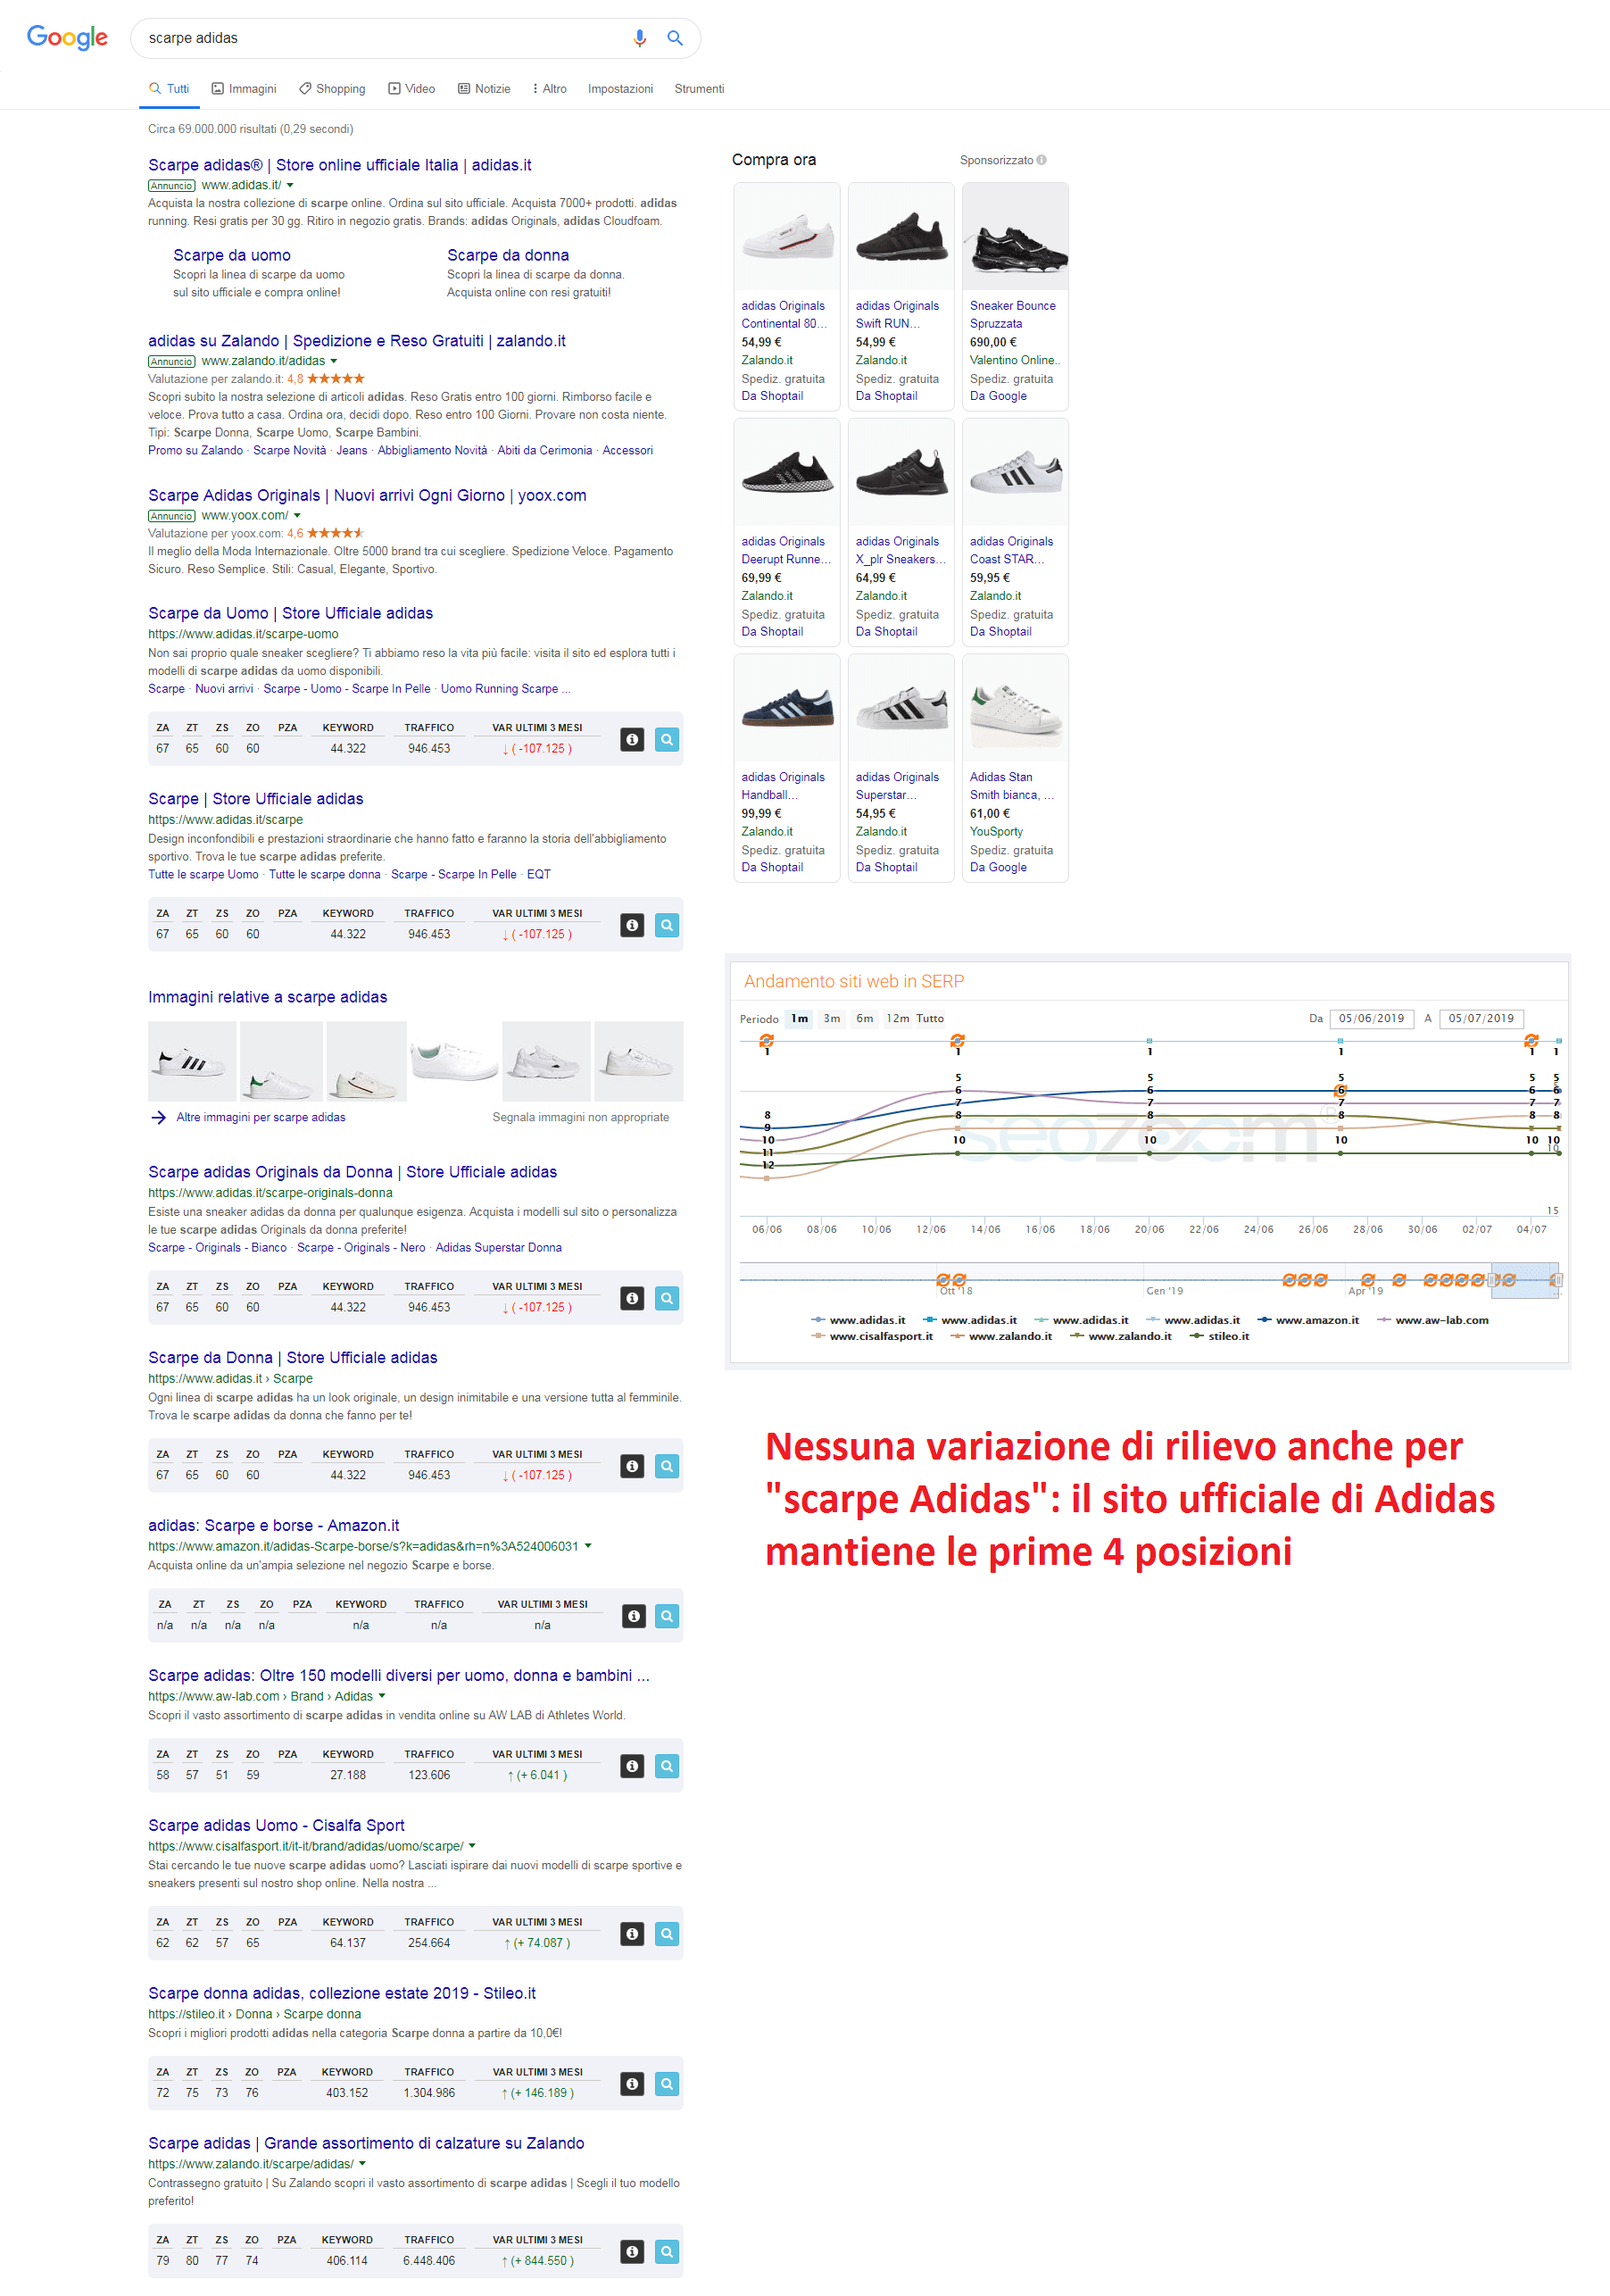 La ricerca di scarpe Adidas